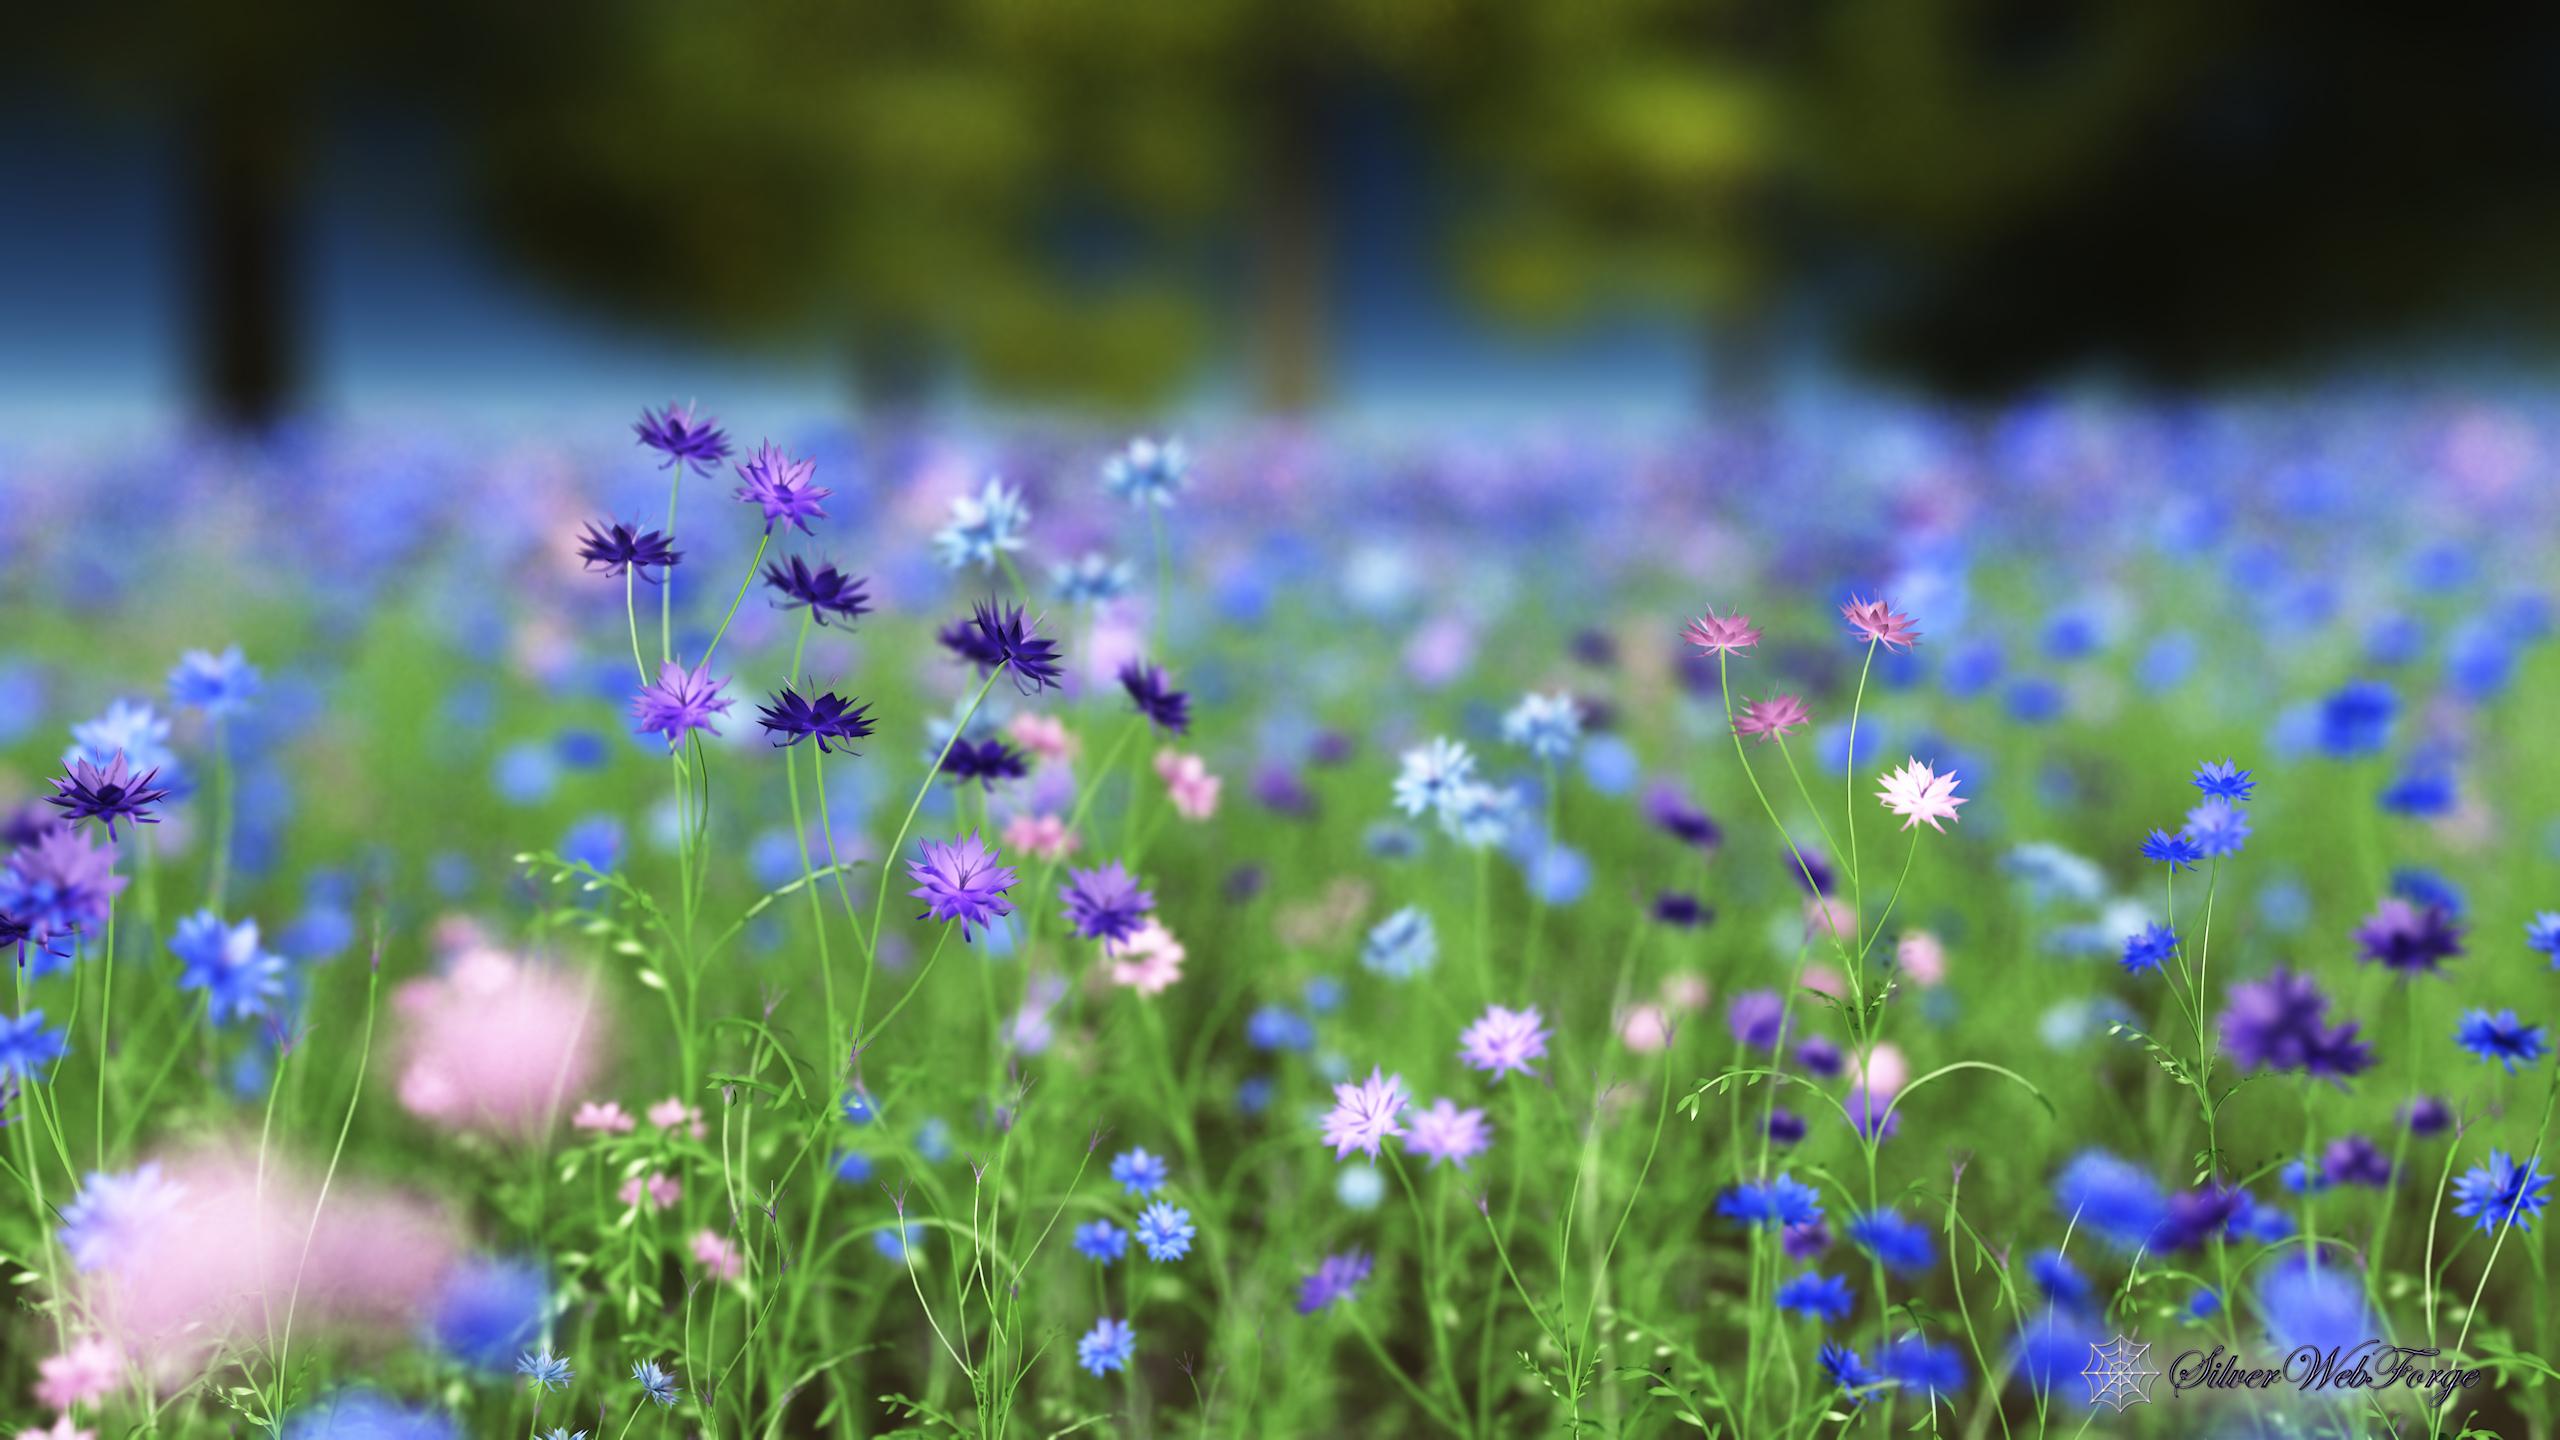 Cornflower Blue Silverwebforge